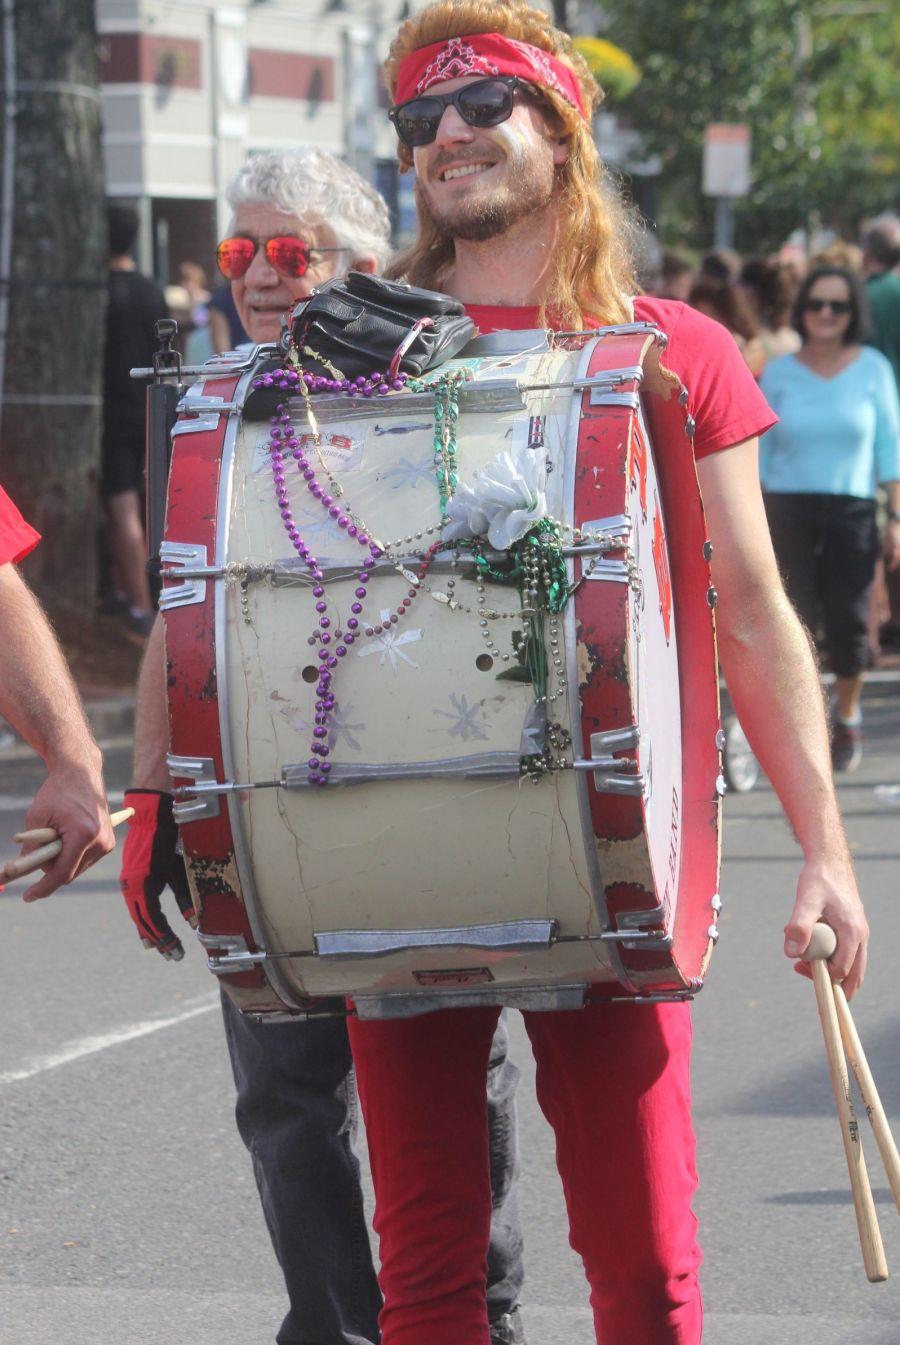 boston honkfest october 7 8 3